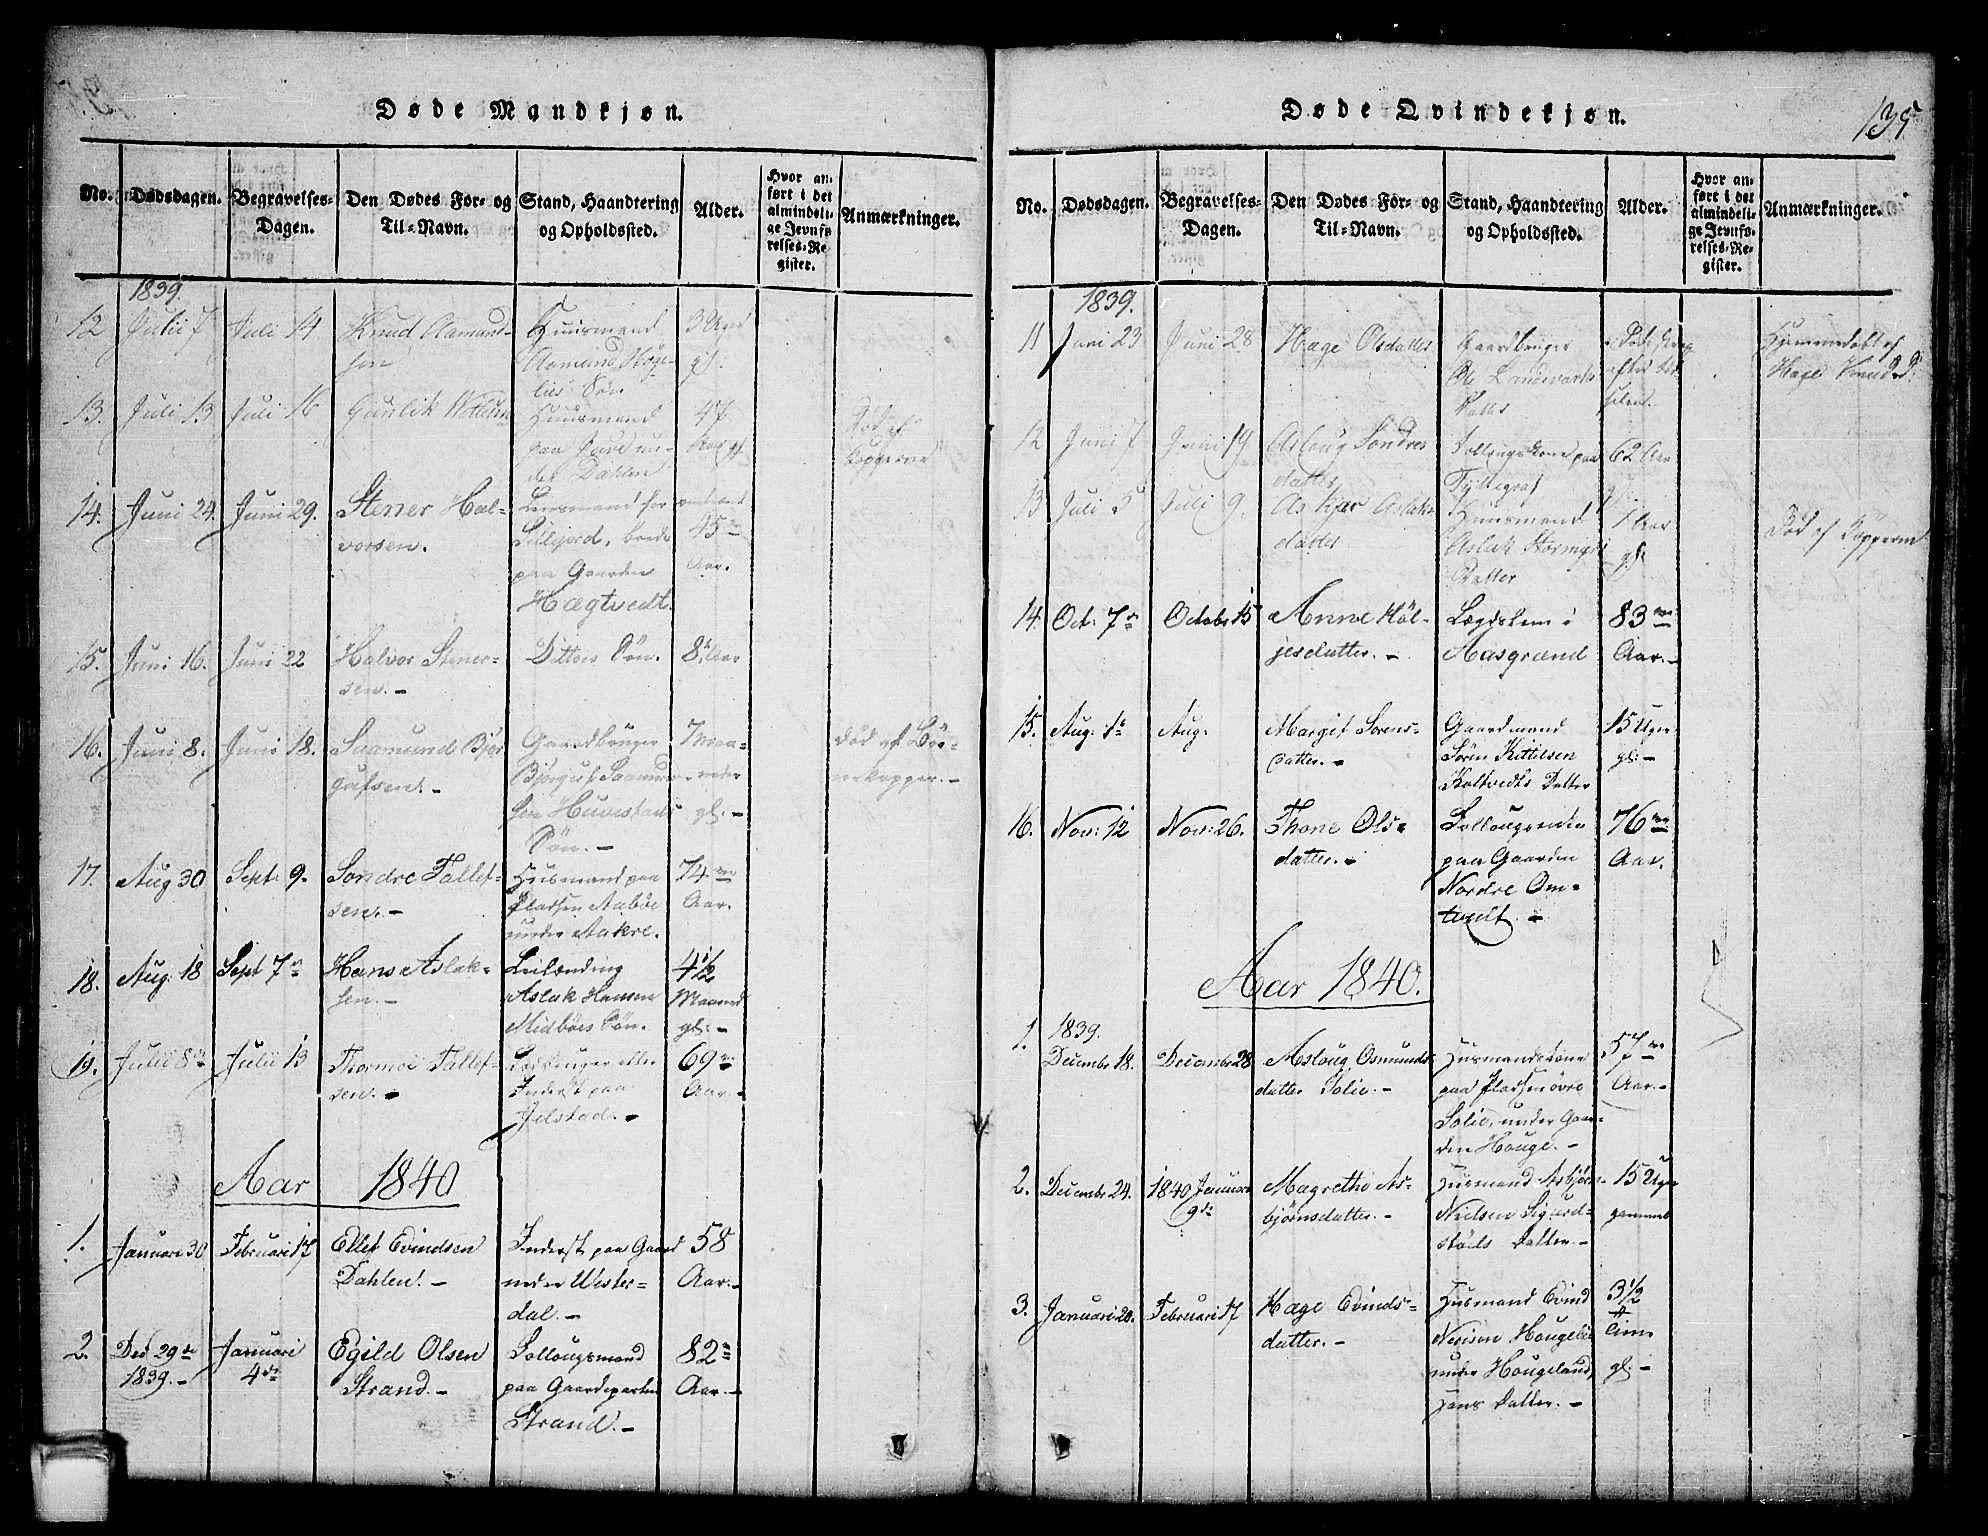 SAKO, Kviteseid kirkebøker, G/Gb/L0001: Klokkerbok nr. II 1, 1815-1842, s. 135